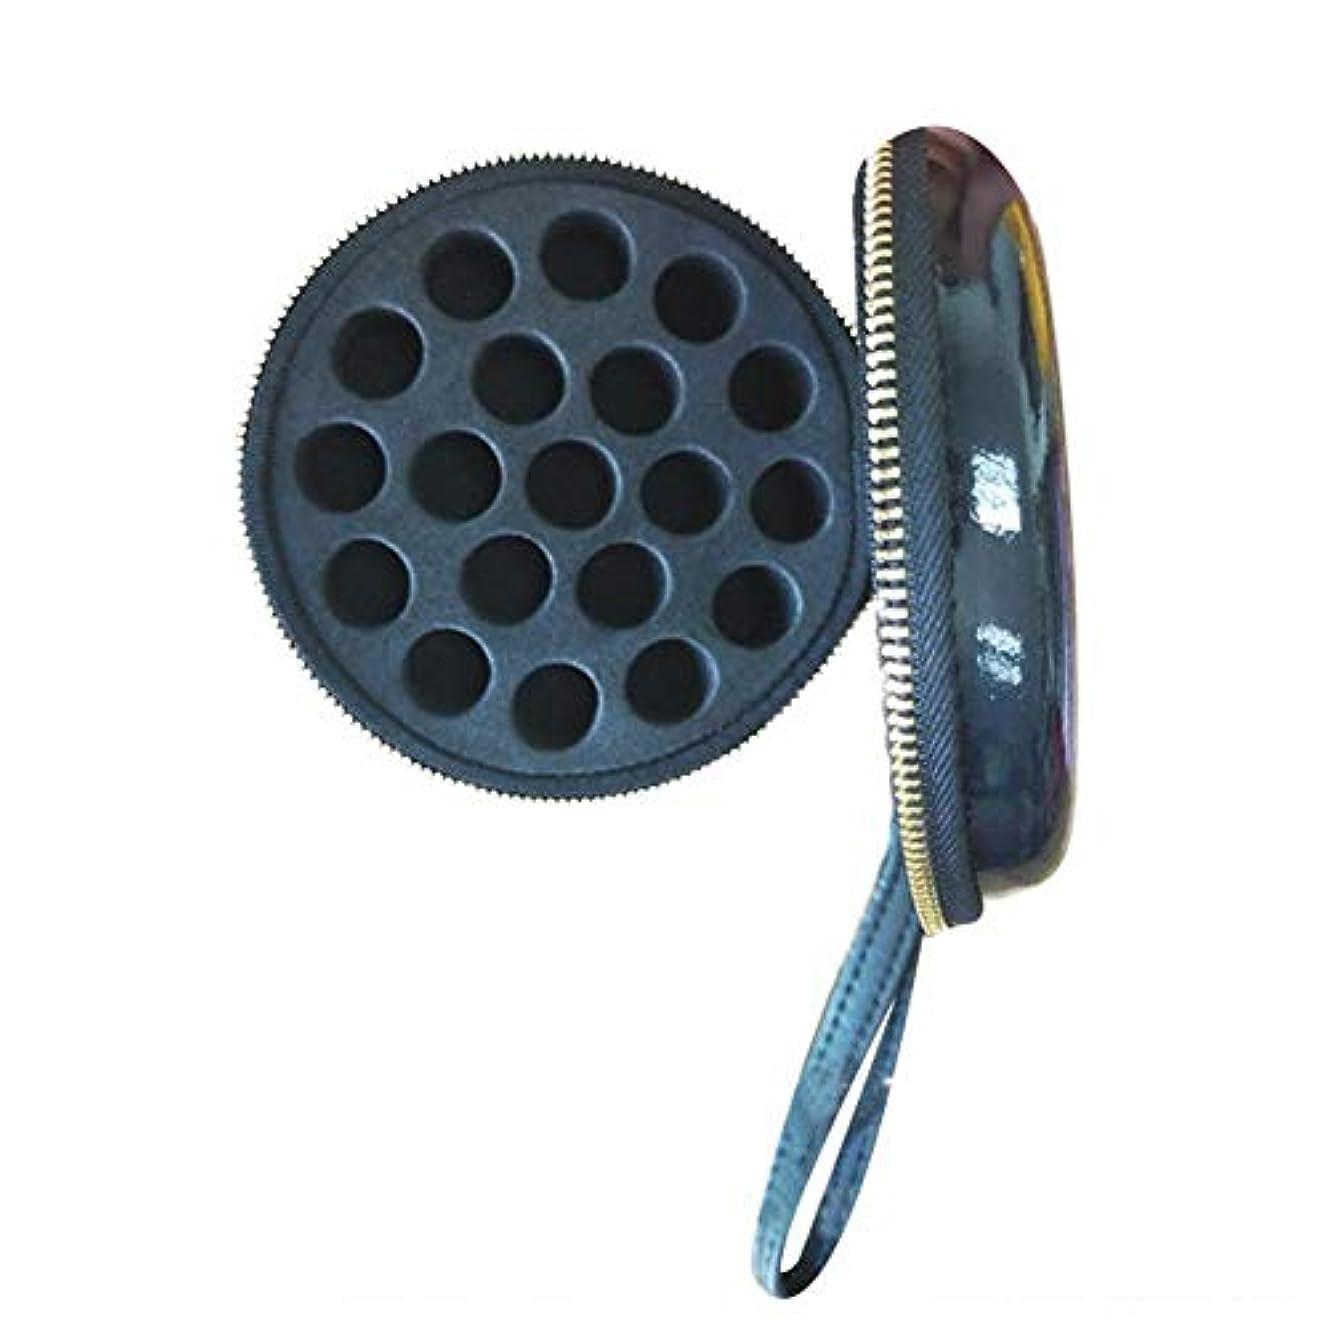 磁気揮発性神話Pursue エッセンシャルオイル収納ケース アロマオイル収納ボックス アロマポーチ収納ケース 耐震 携帯便利 香水収納ポーチ 化粧ポーチ 19本用